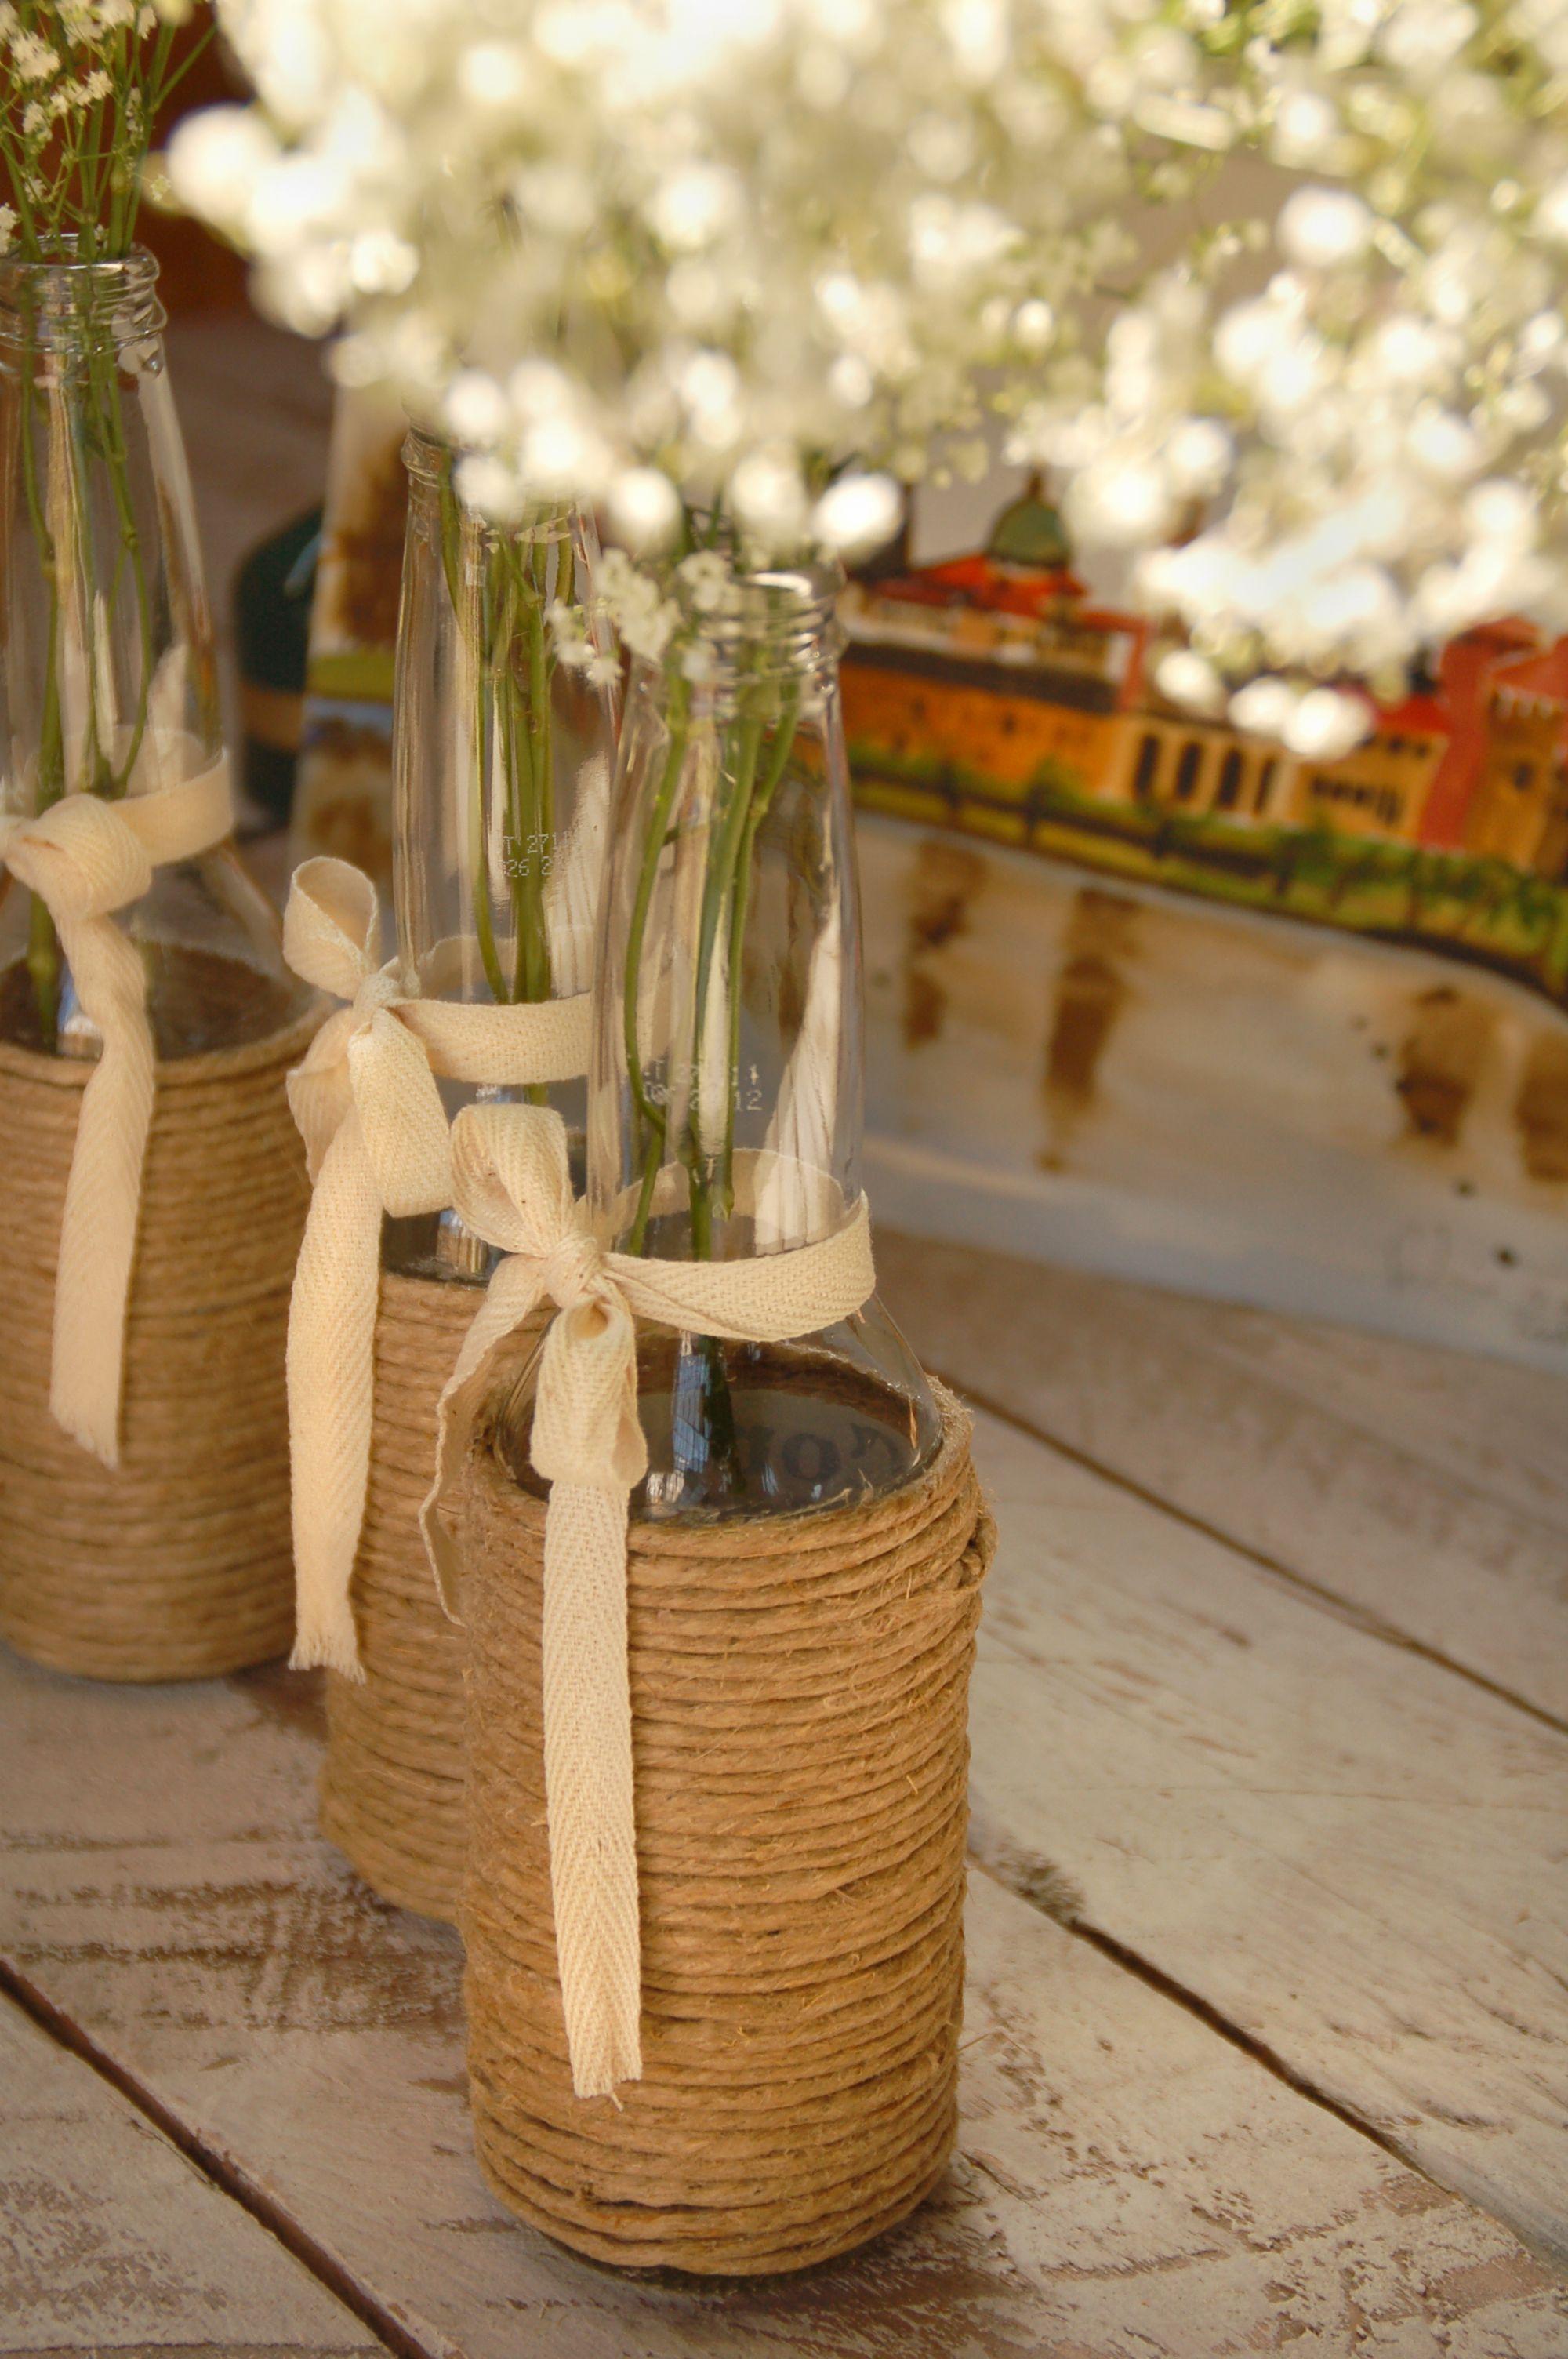 Matrimonio Rustico Bergamo : Matrimonio rustico allestimenti di materiali recupero